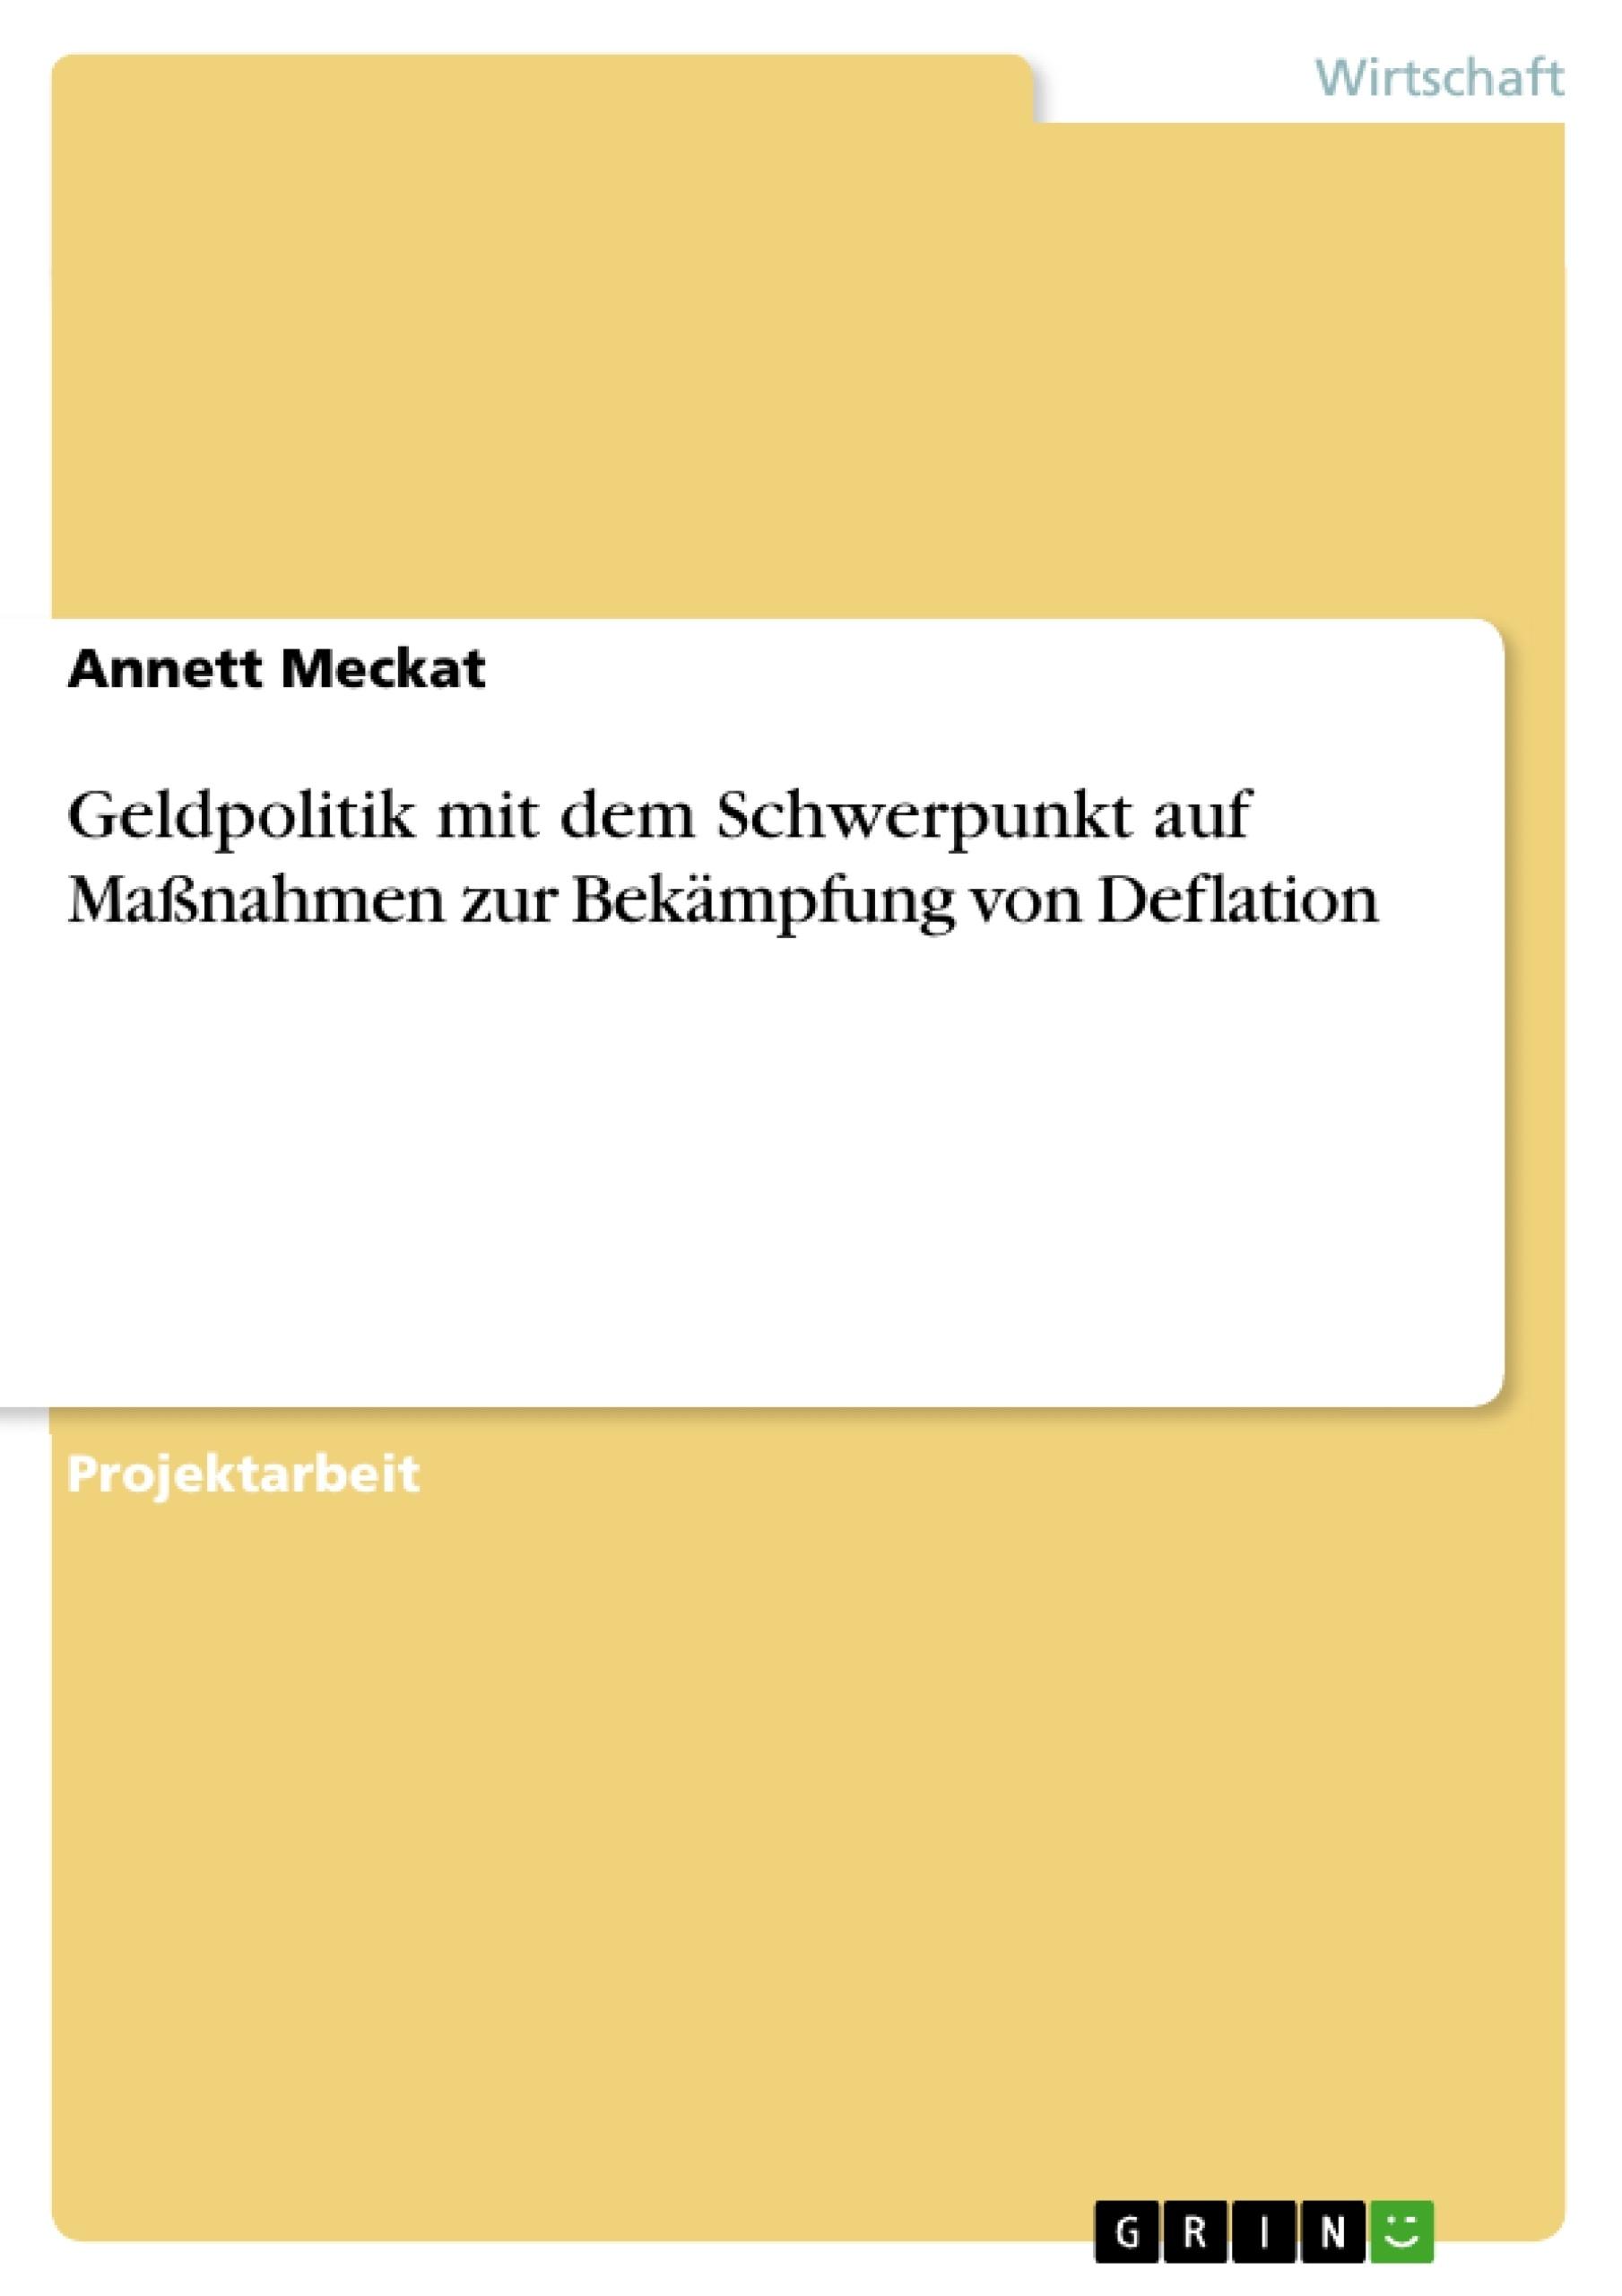 Titel: Geldpolitik mit dem Schwerpunkt auf Maßnahmen zur Bekämpfung von Deflation